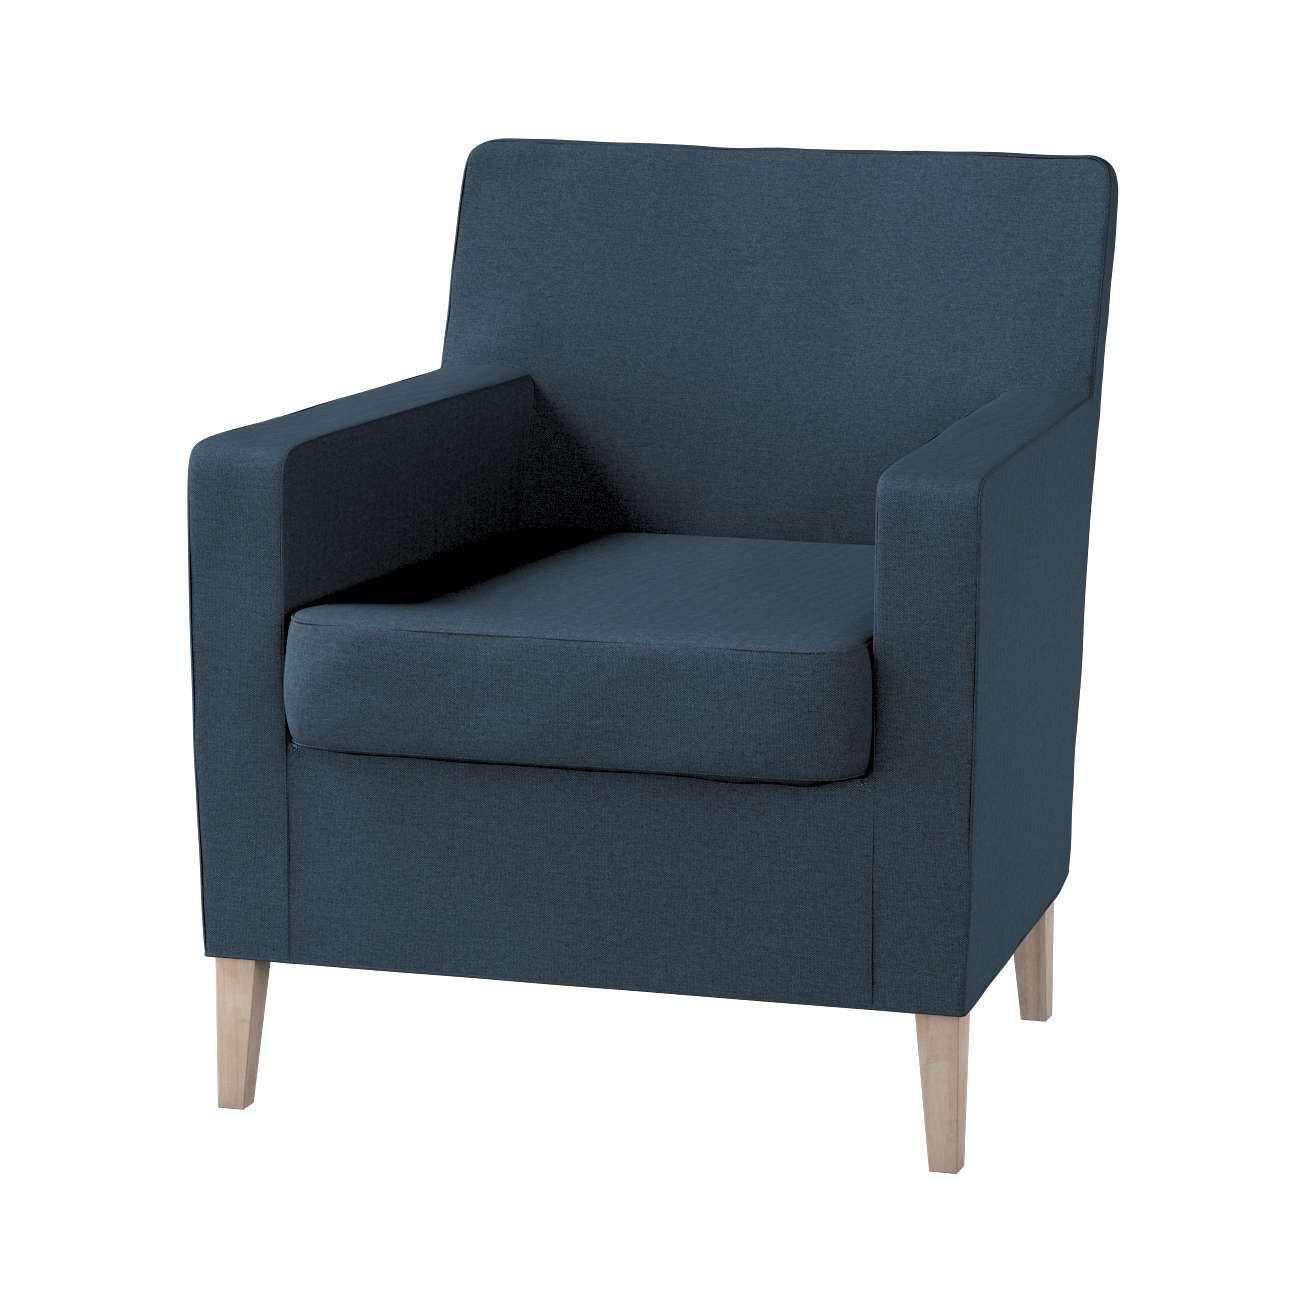 Karlstad nojatuoli, korkea mallistosta Etna - ei verhoihin, Kangas: 705-30